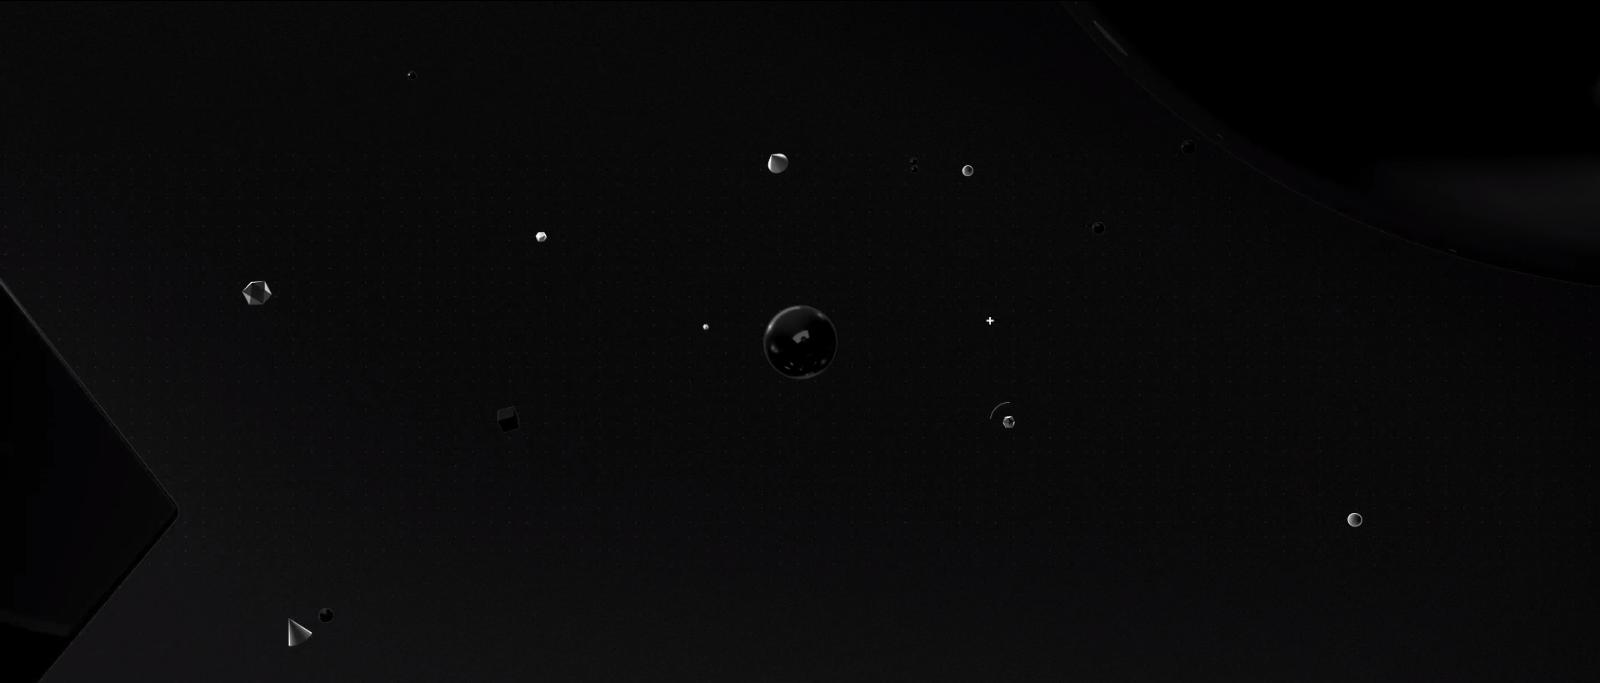 Screen Shot 2015-05-28 at 2.42.00 PM.png